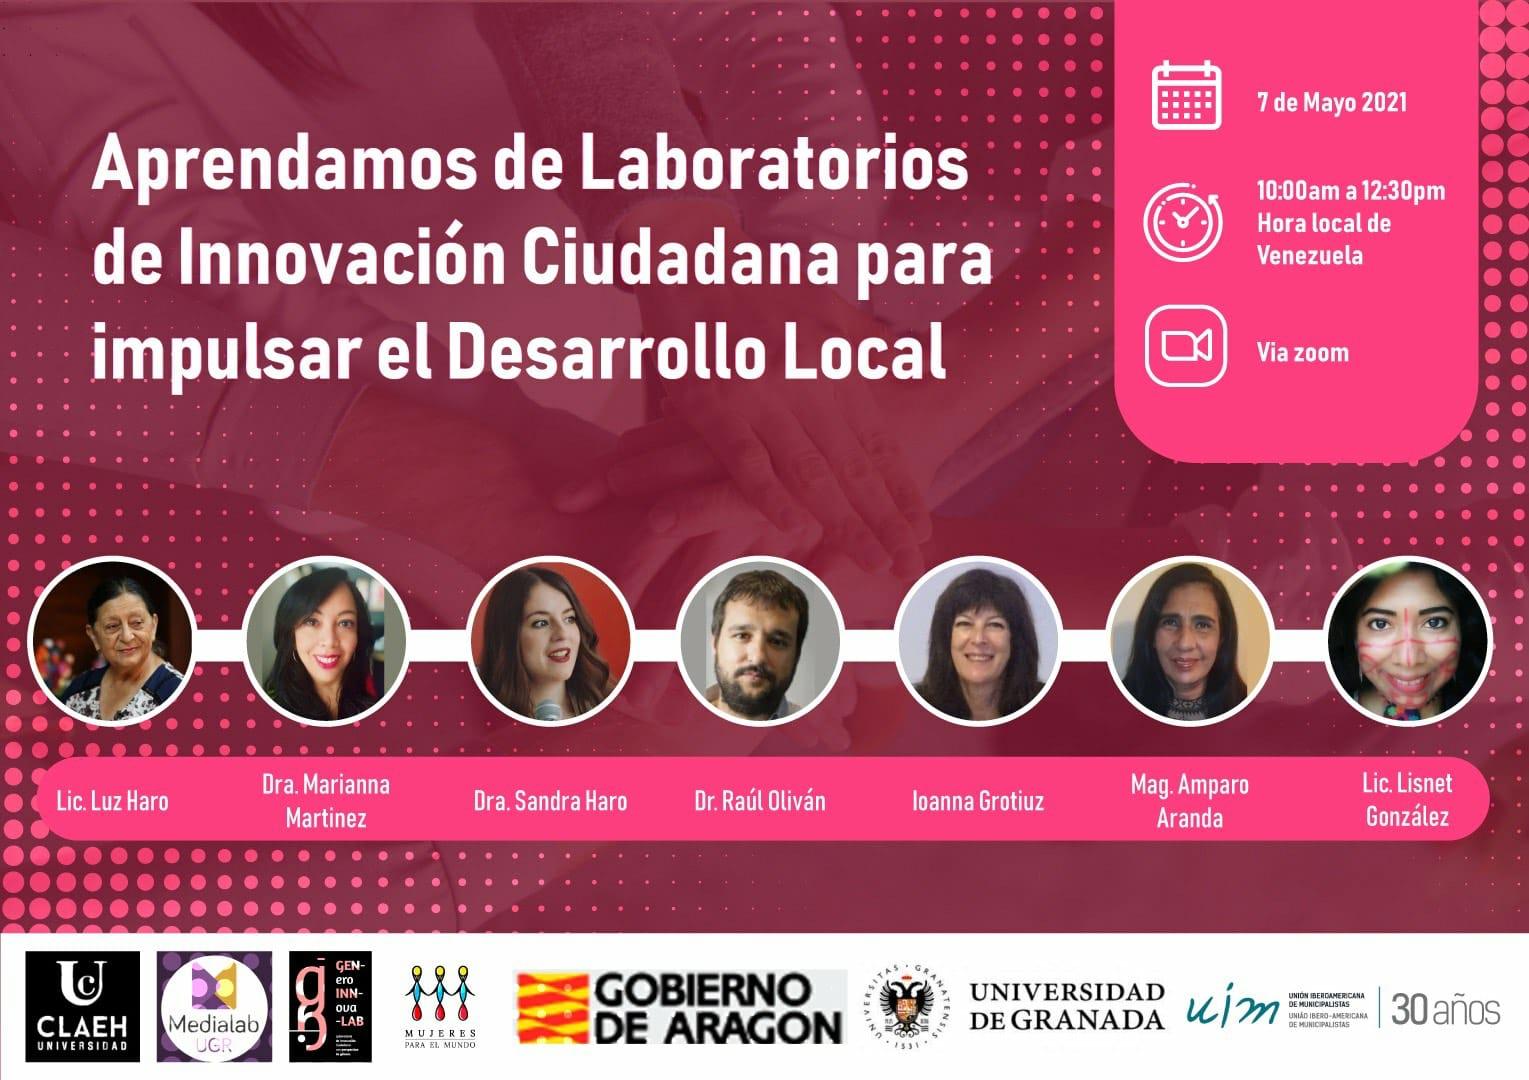 """Imagen de la noticia El Lab717 en la jornada formativa """"Aprendamos de Laboratorios de Innovación Ciudadana para impulsar el Desarrollo Local"""""""